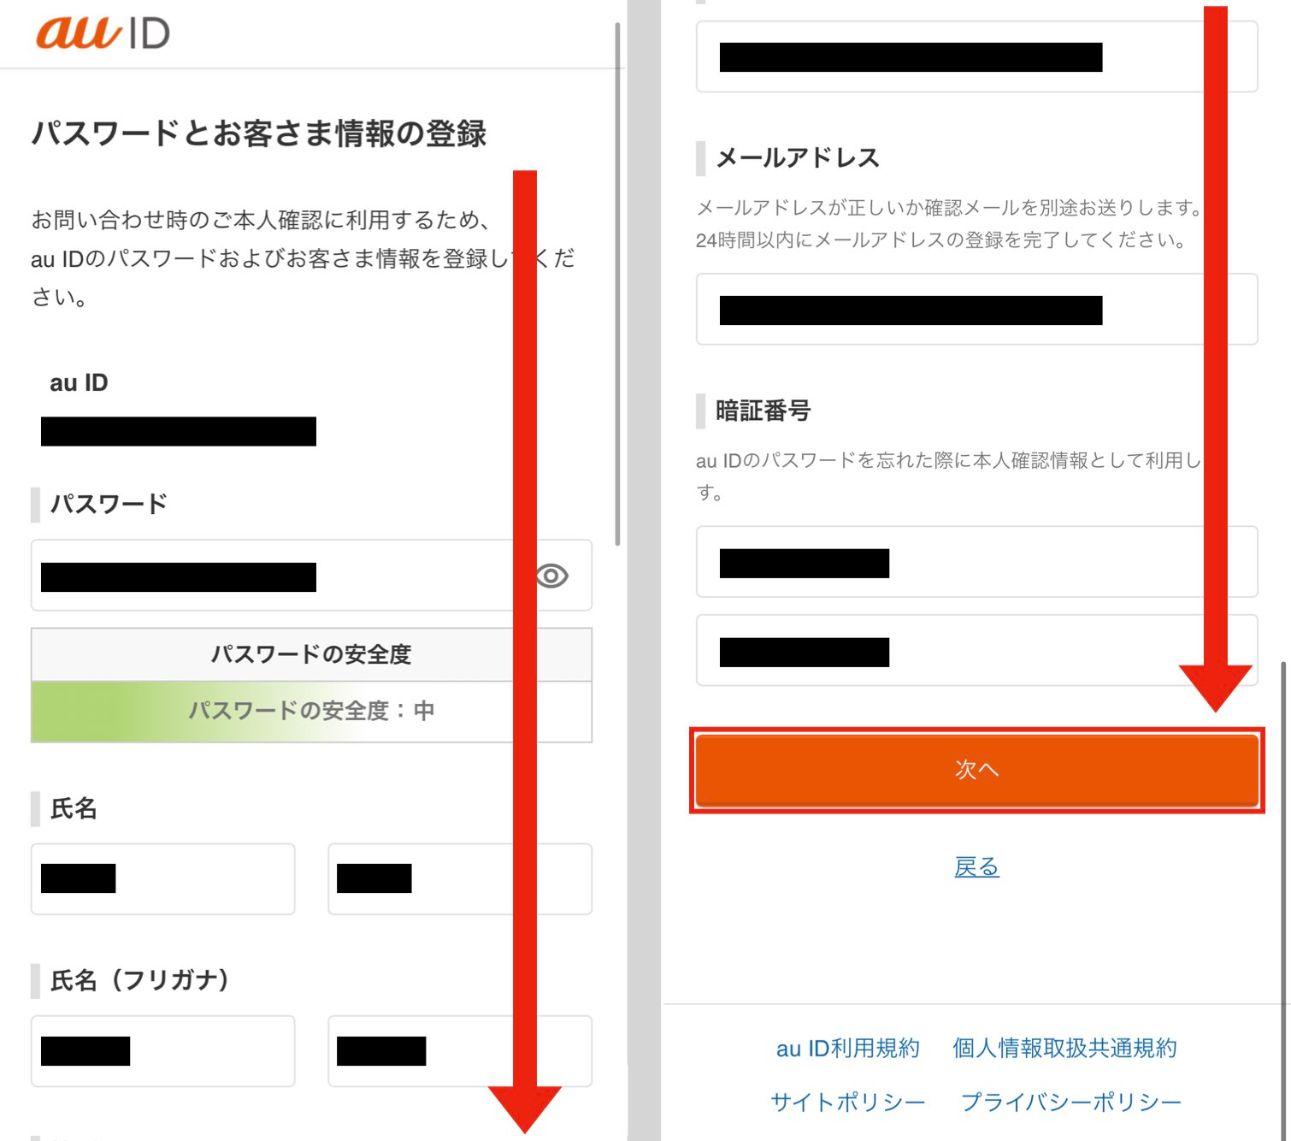 【TELASAでau IDを発行する手順7】パスワードを入力後、生年月日と性別を選択